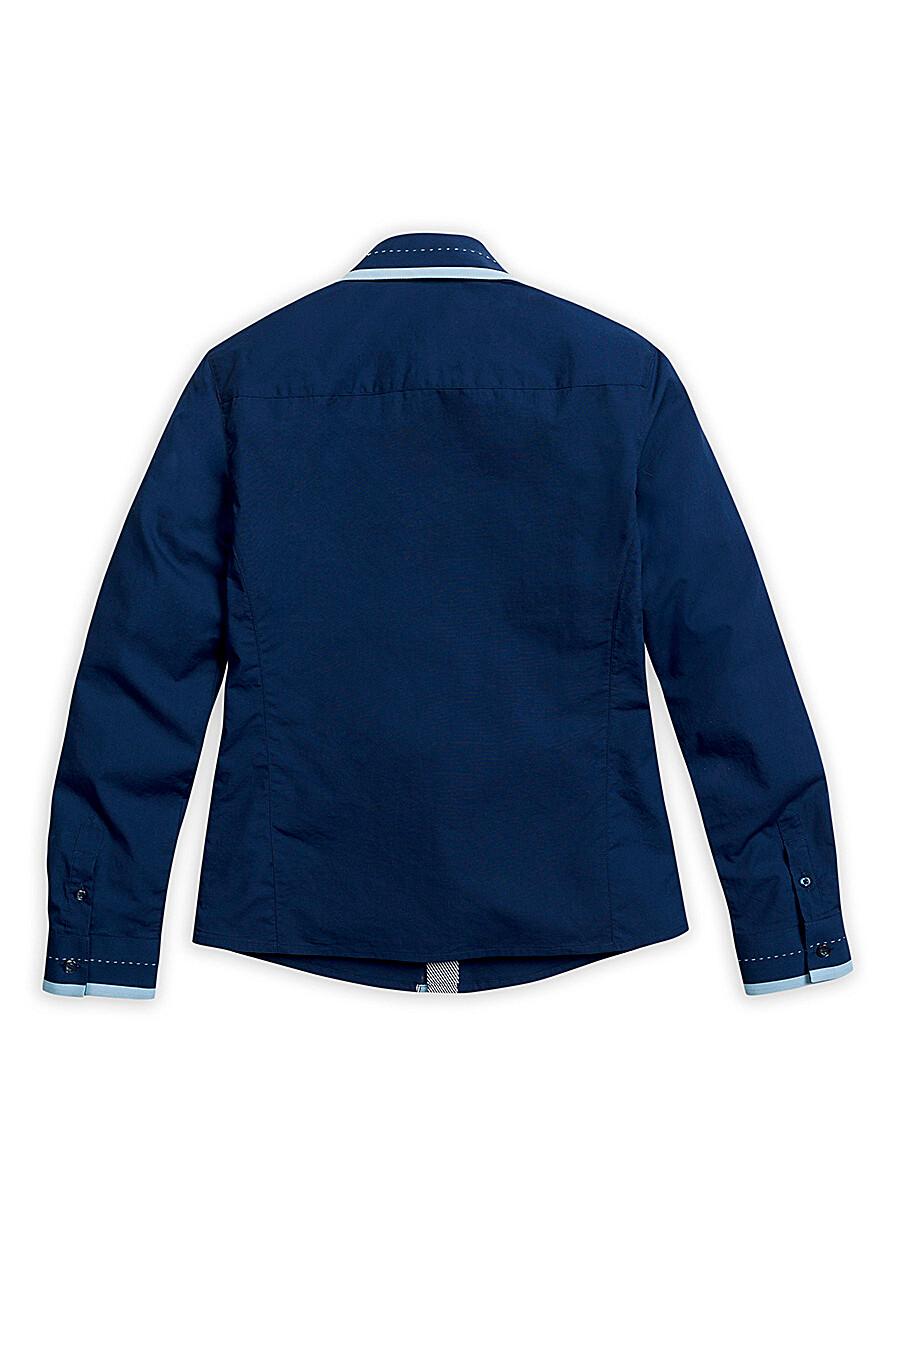 Сорочка для мальчиков PELICAN 218521 купить оптом от производителя. Совместная покупка детской одежды в OptMoyo